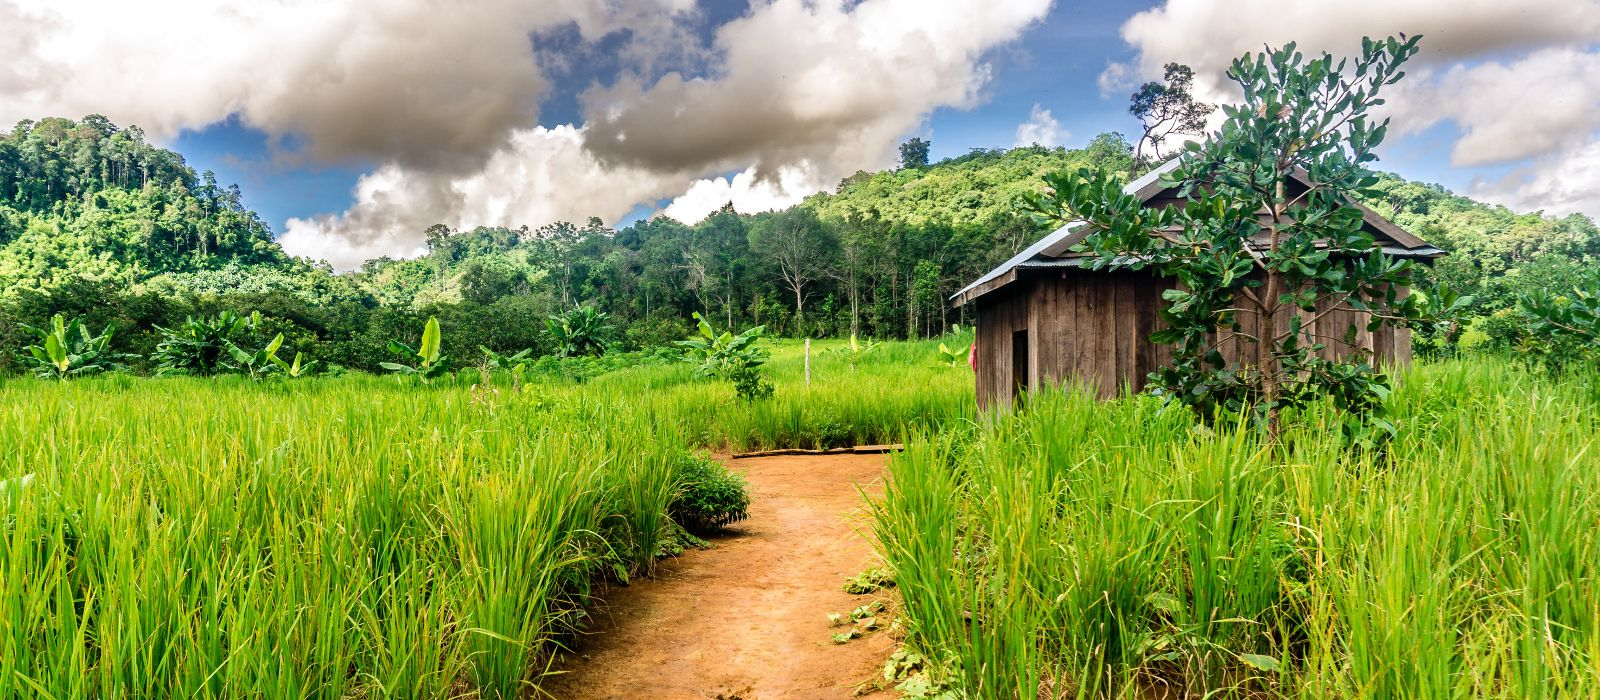 Bezauberndes Kambodscha und seine versteckten Reichtümer Urlaub 2